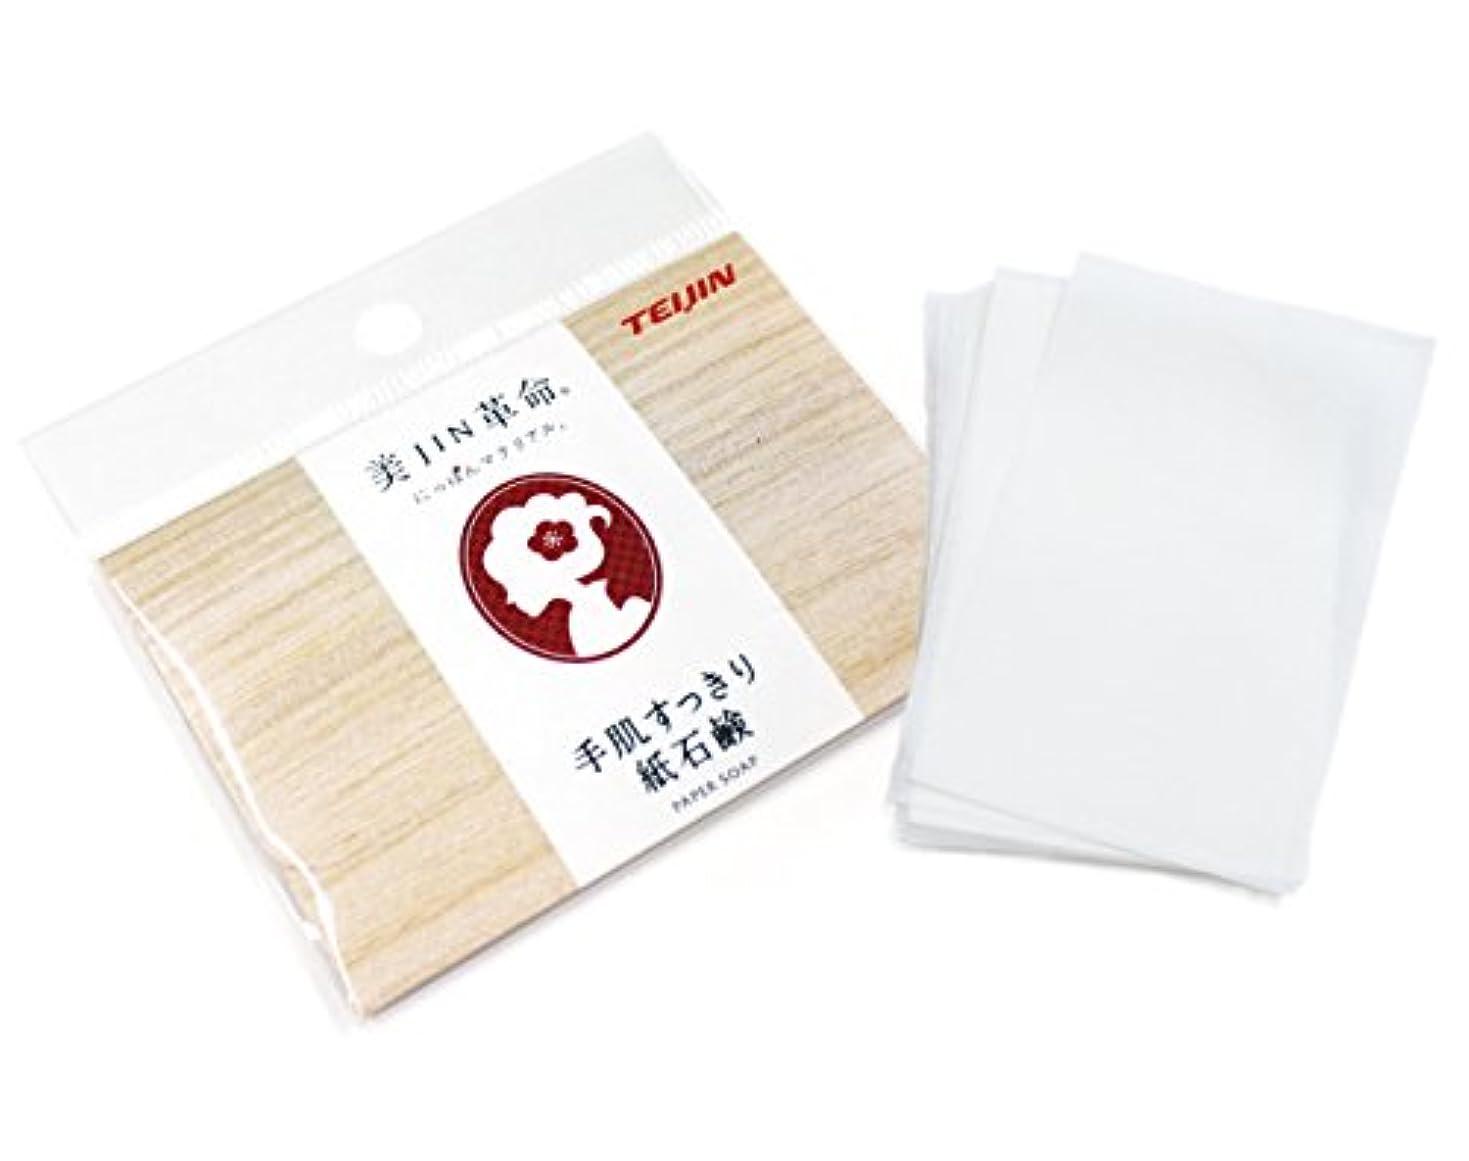 ヘビー積極的に虫美JIN革命 手肌すっきり 紙石鹸